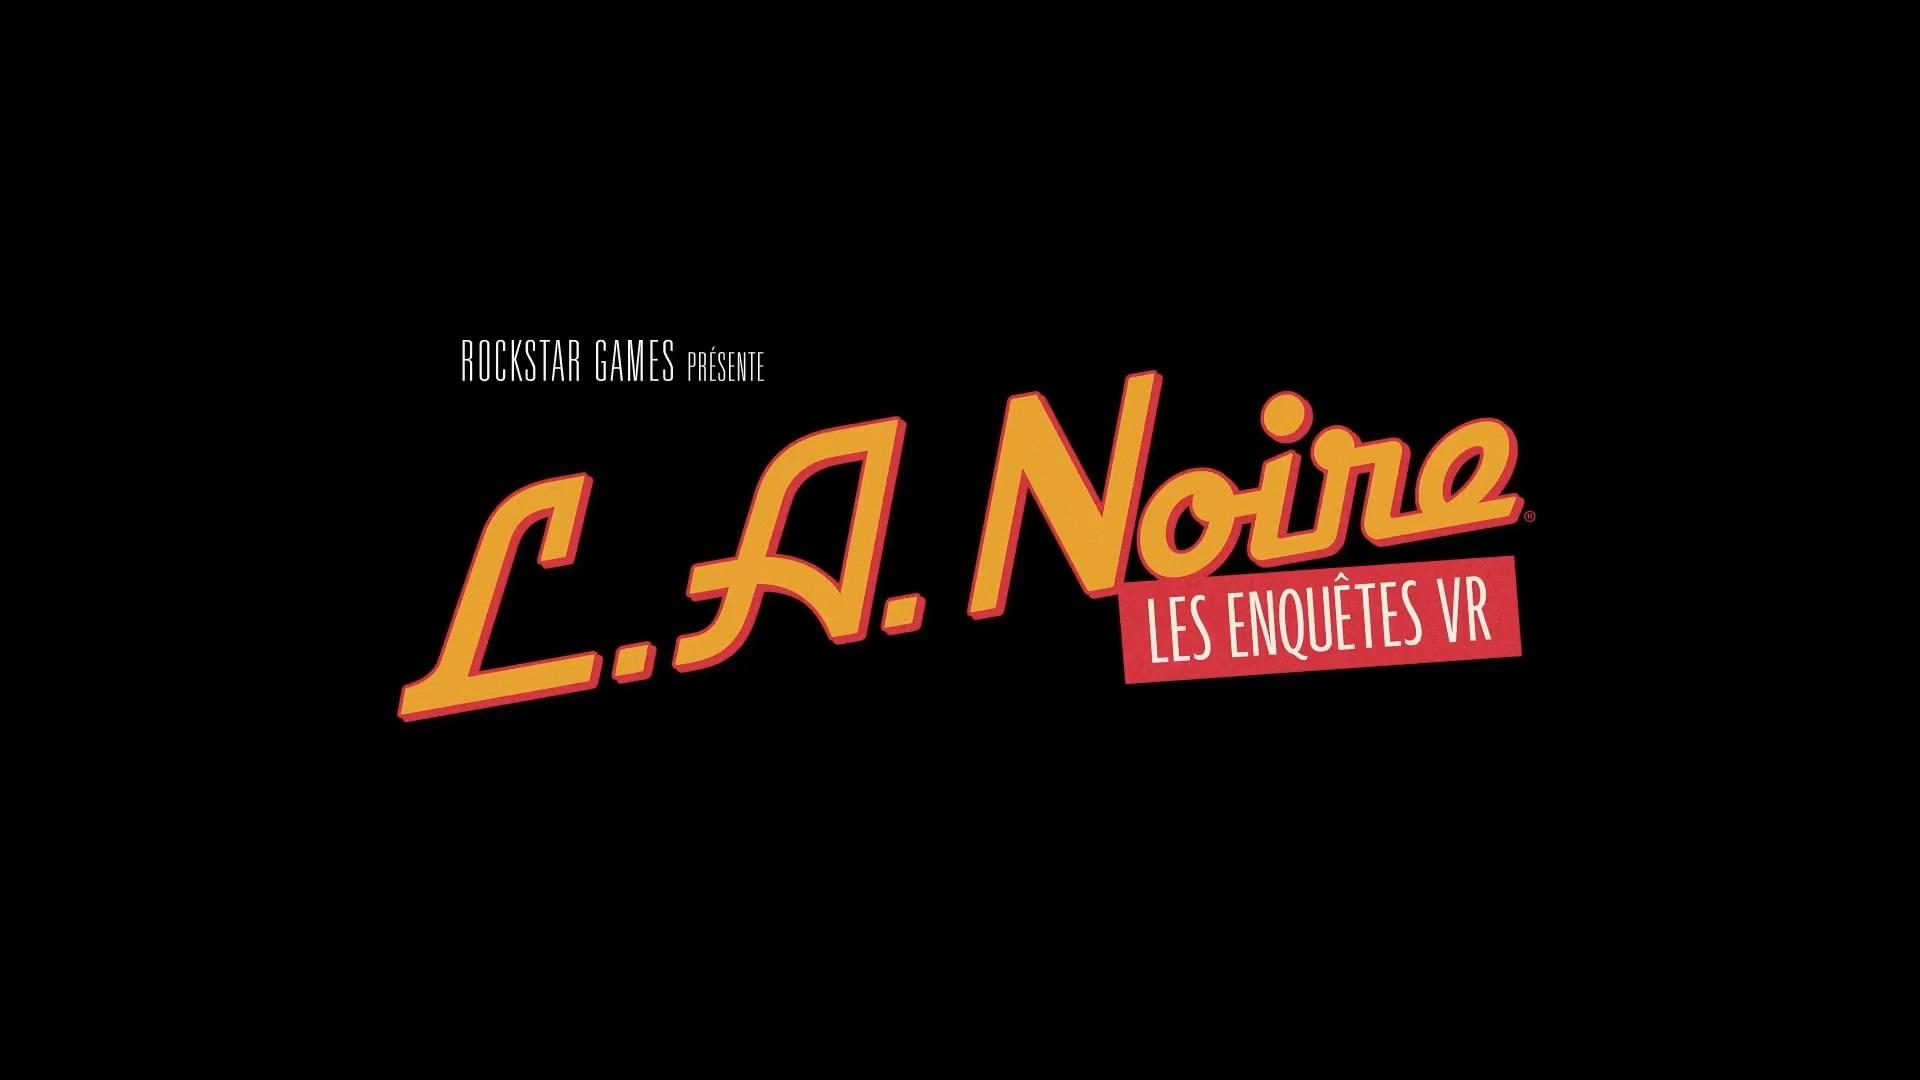 LA NOIRE LES ENQUETES VR